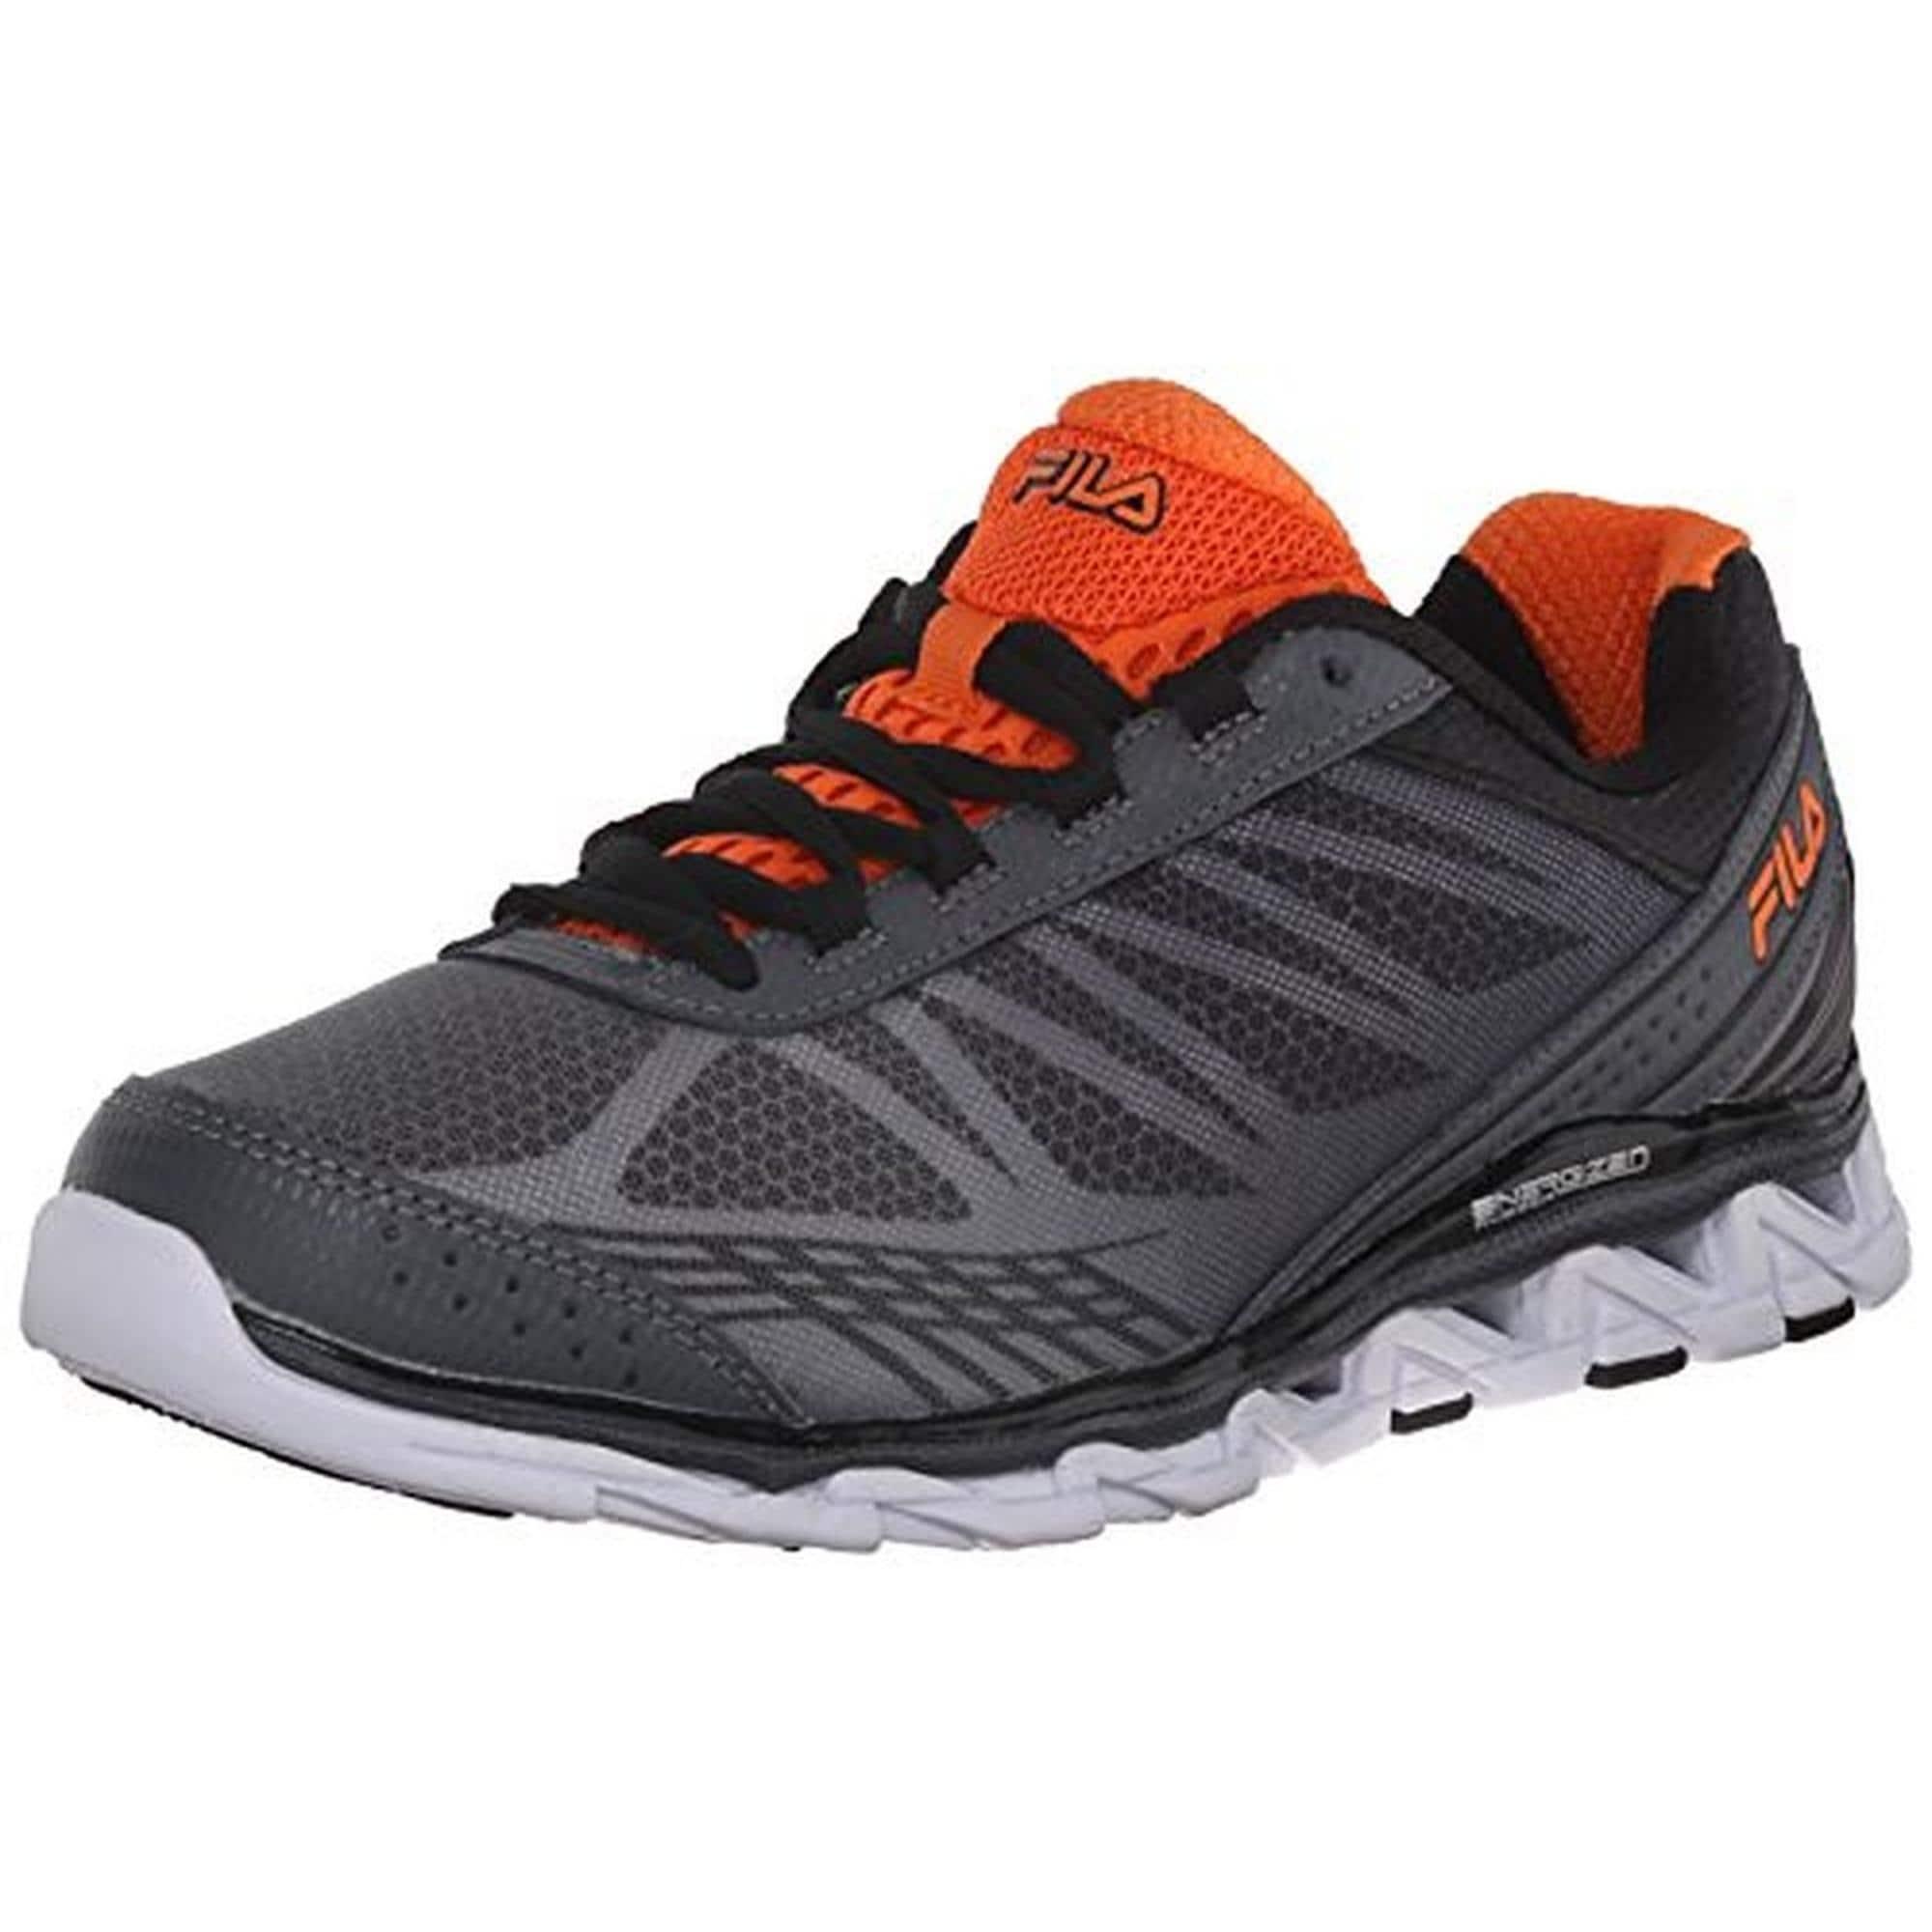 Romeo 2 Energized Running Shoes